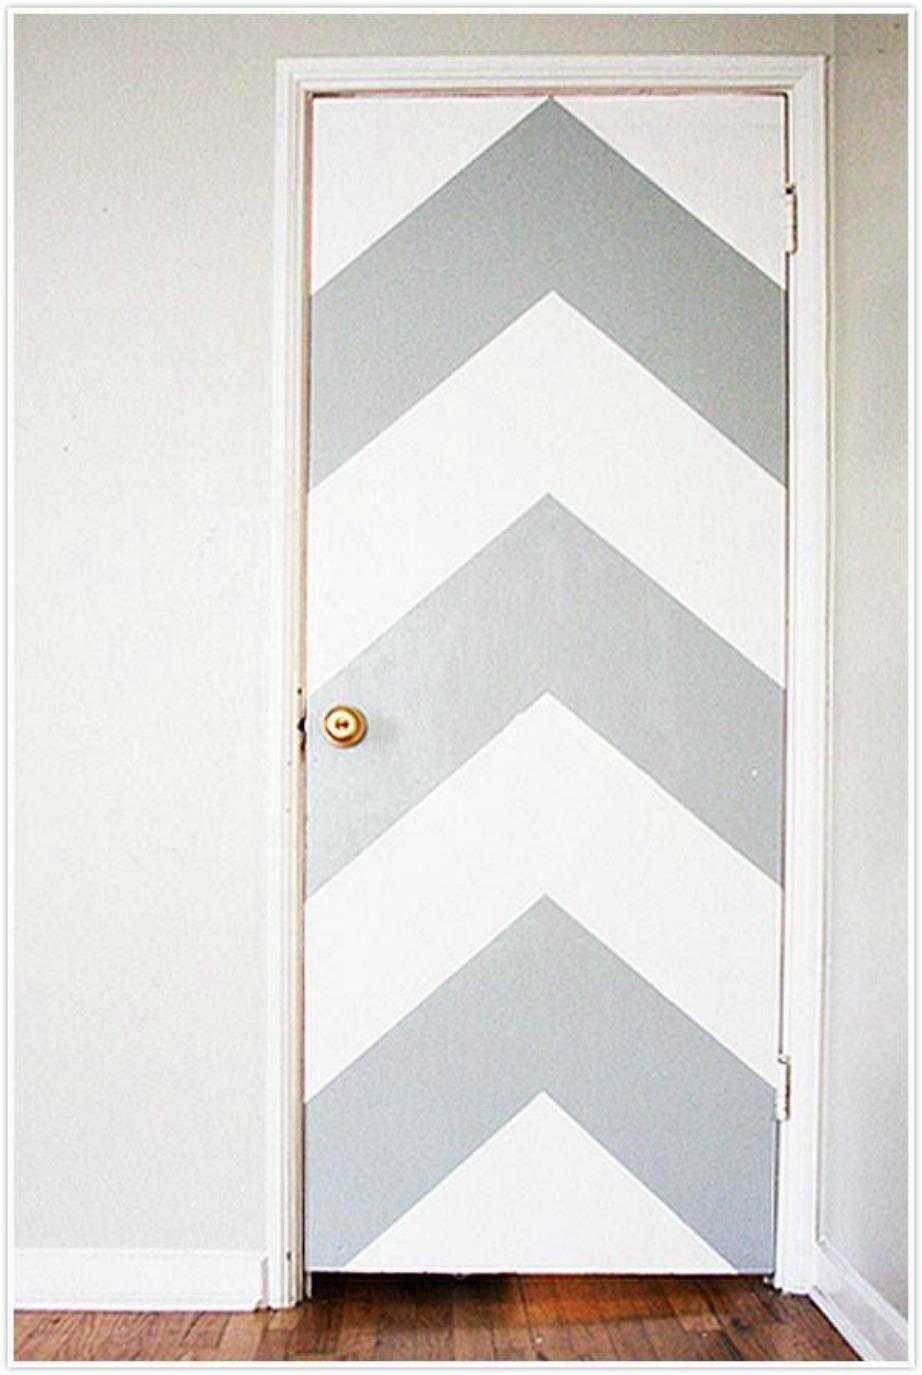 Μη τη χρήση ταινίας θα βάψετε την πόρτα σας σε διάφορα μοτίβα που εσείς θα έχετε ορίσει.